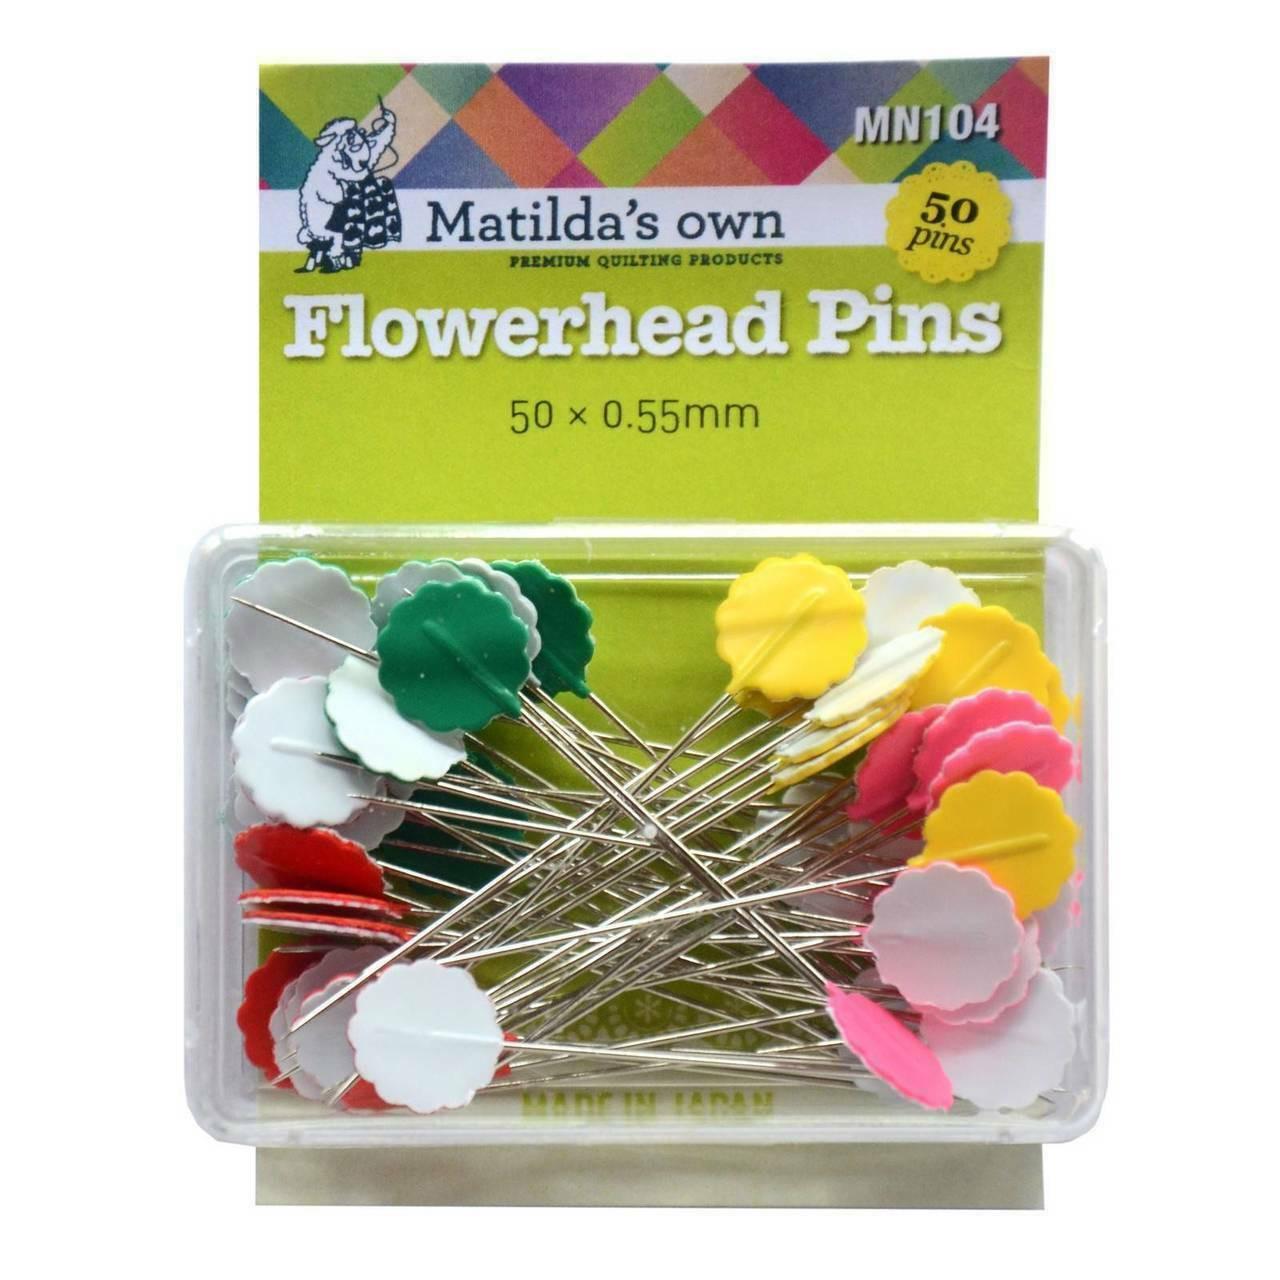 Matildas Own Flowerhead Pins